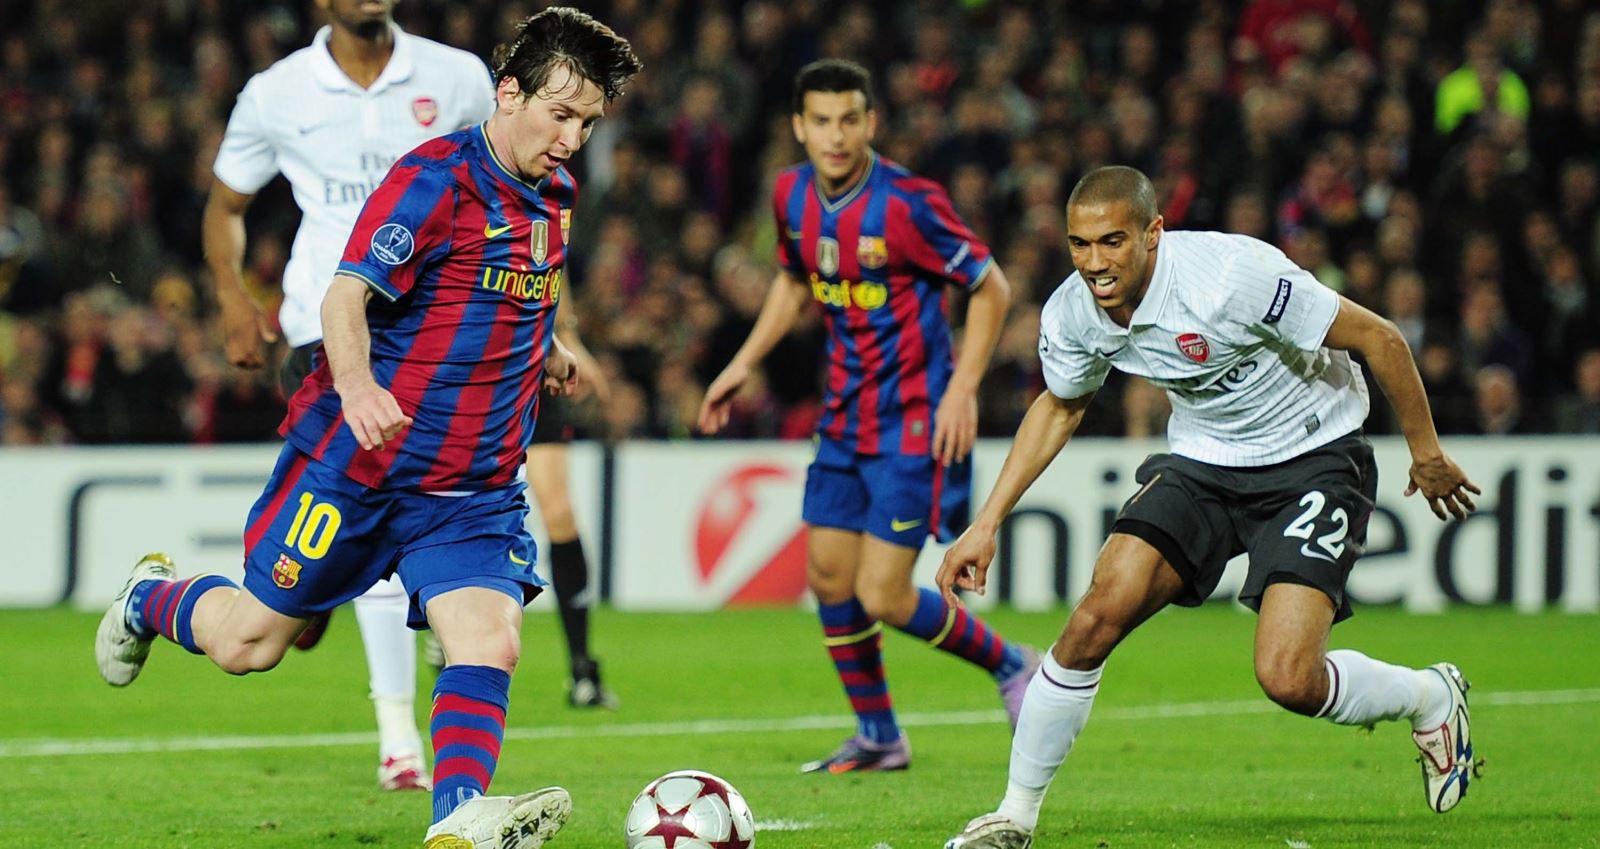 bóng đá, bong da, messi, lionel messi, arsenal, pháo thủ, barcelona, barca, poker, 4 bàn, champions league, cúp c1